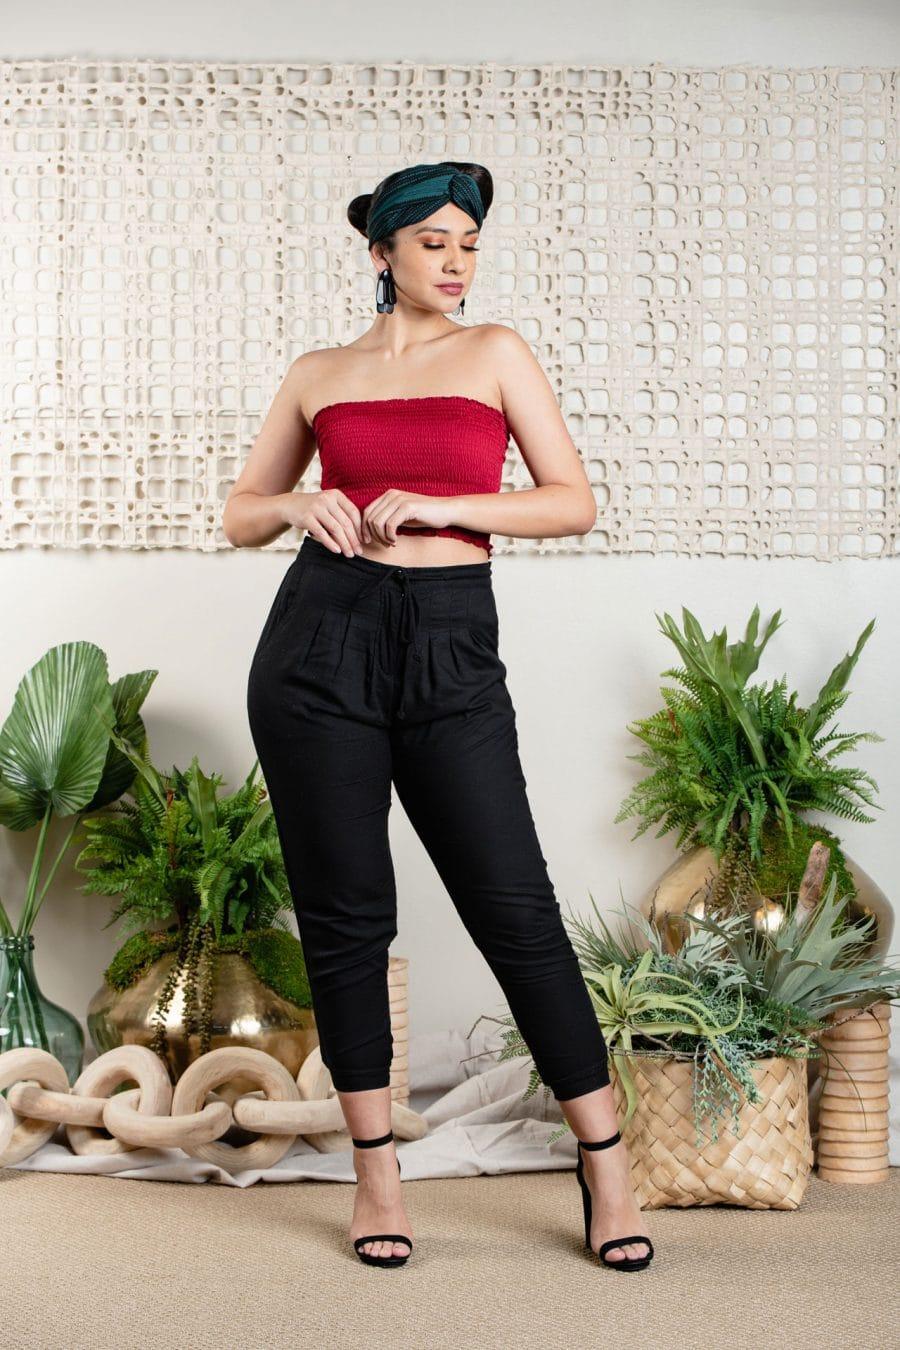 Model wearing BANDEAU